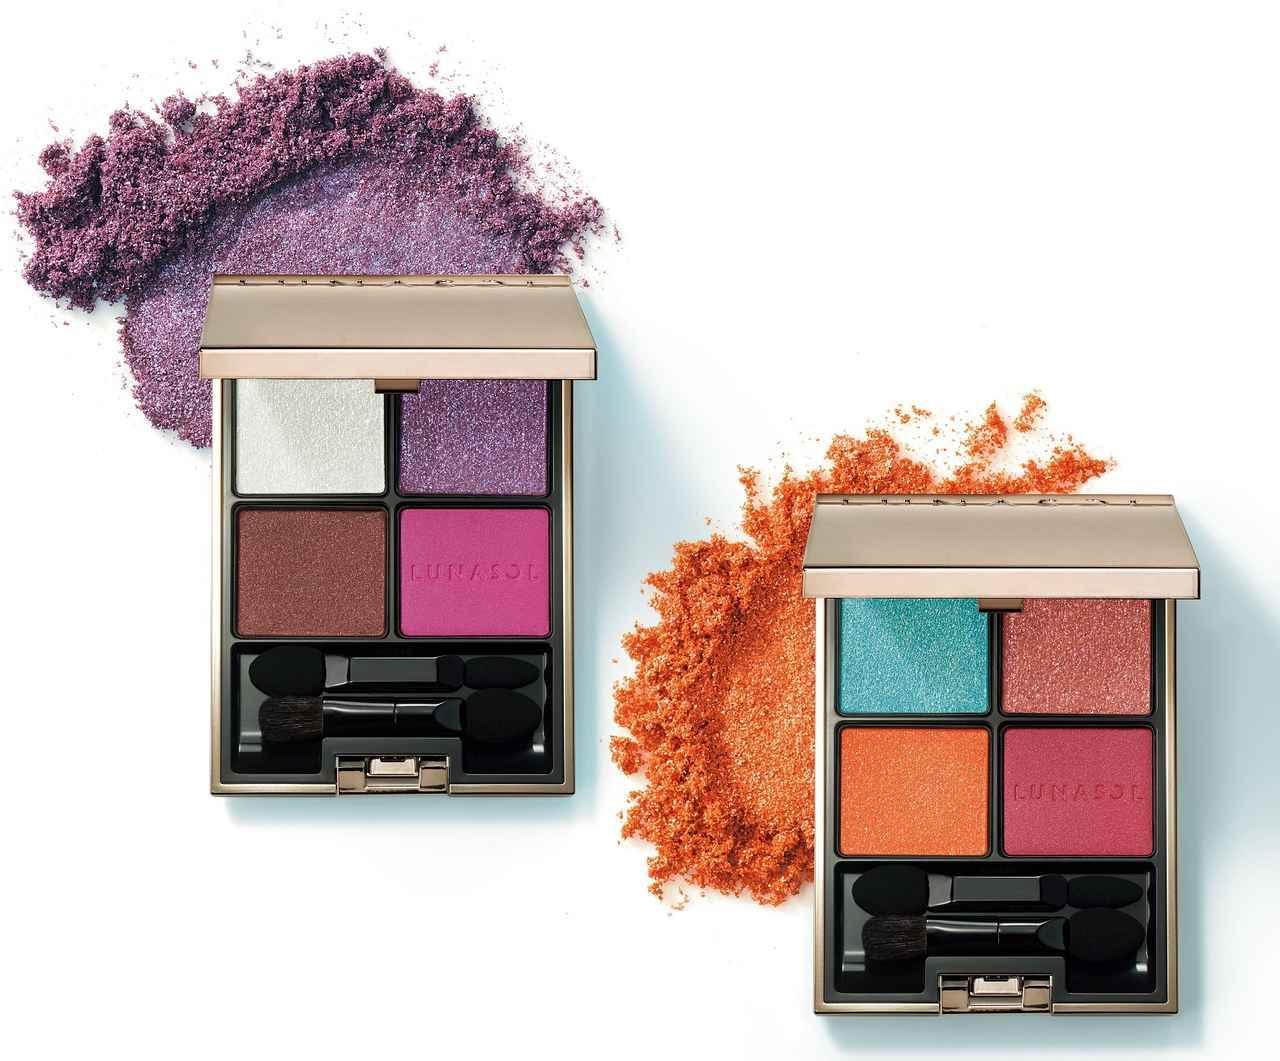 画像1: ルナソル、鮮烈な色にオーロラが輝く秋コレクションが発売